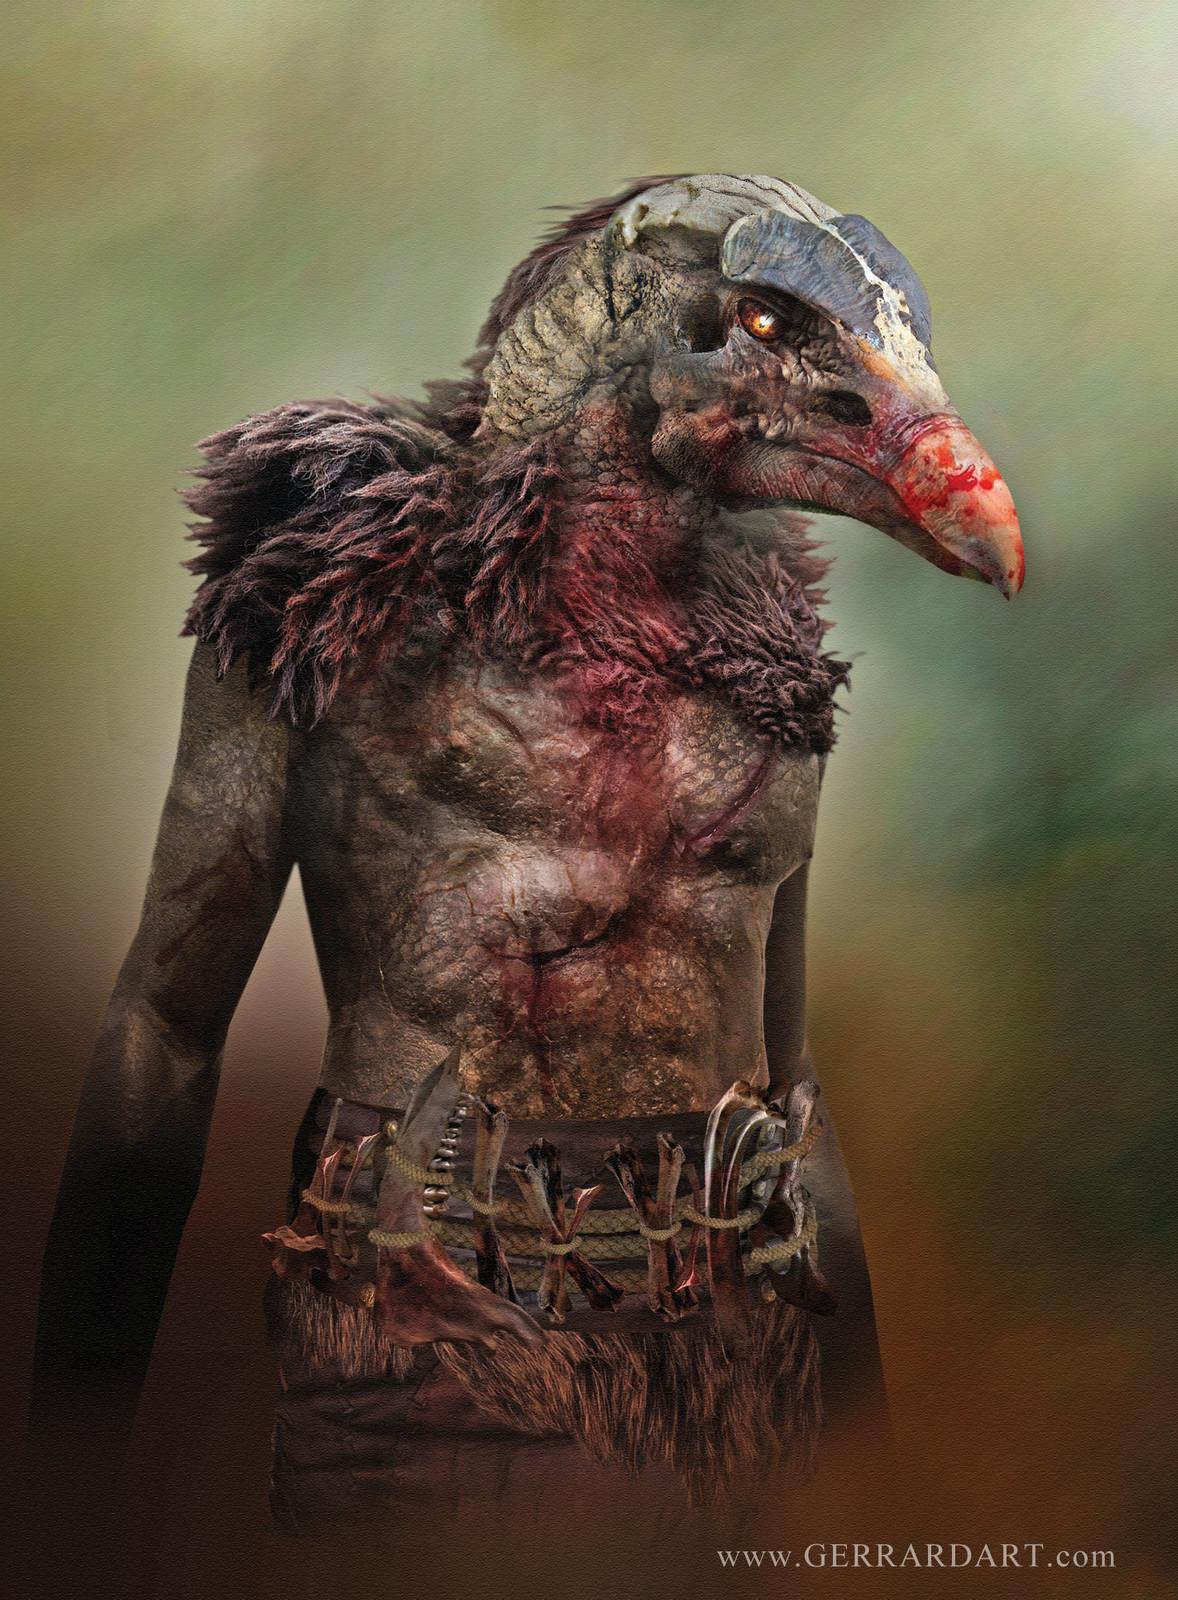 Vulturman